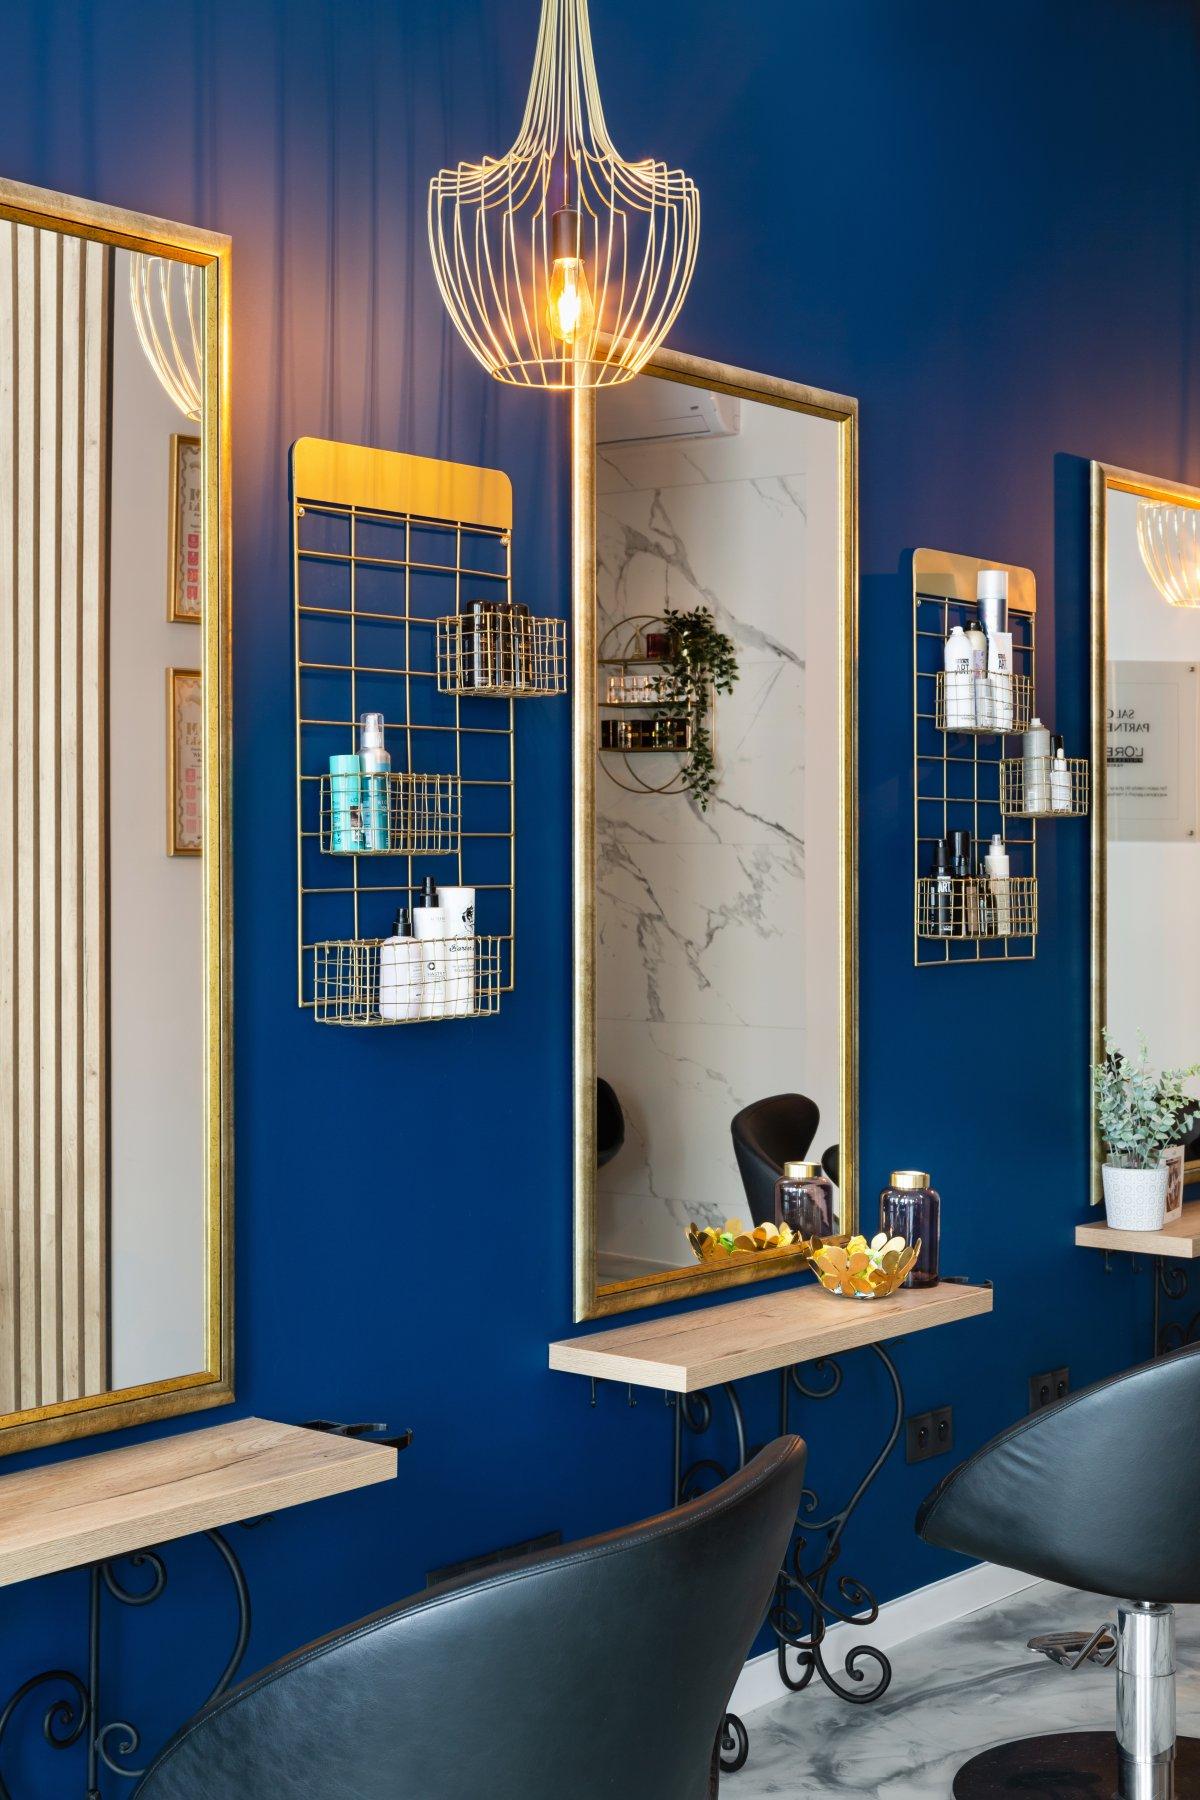 zdjecia wnetrz paryzanka 10 Zdjęcia wnętrz   Salon Paryżanka w Żorach